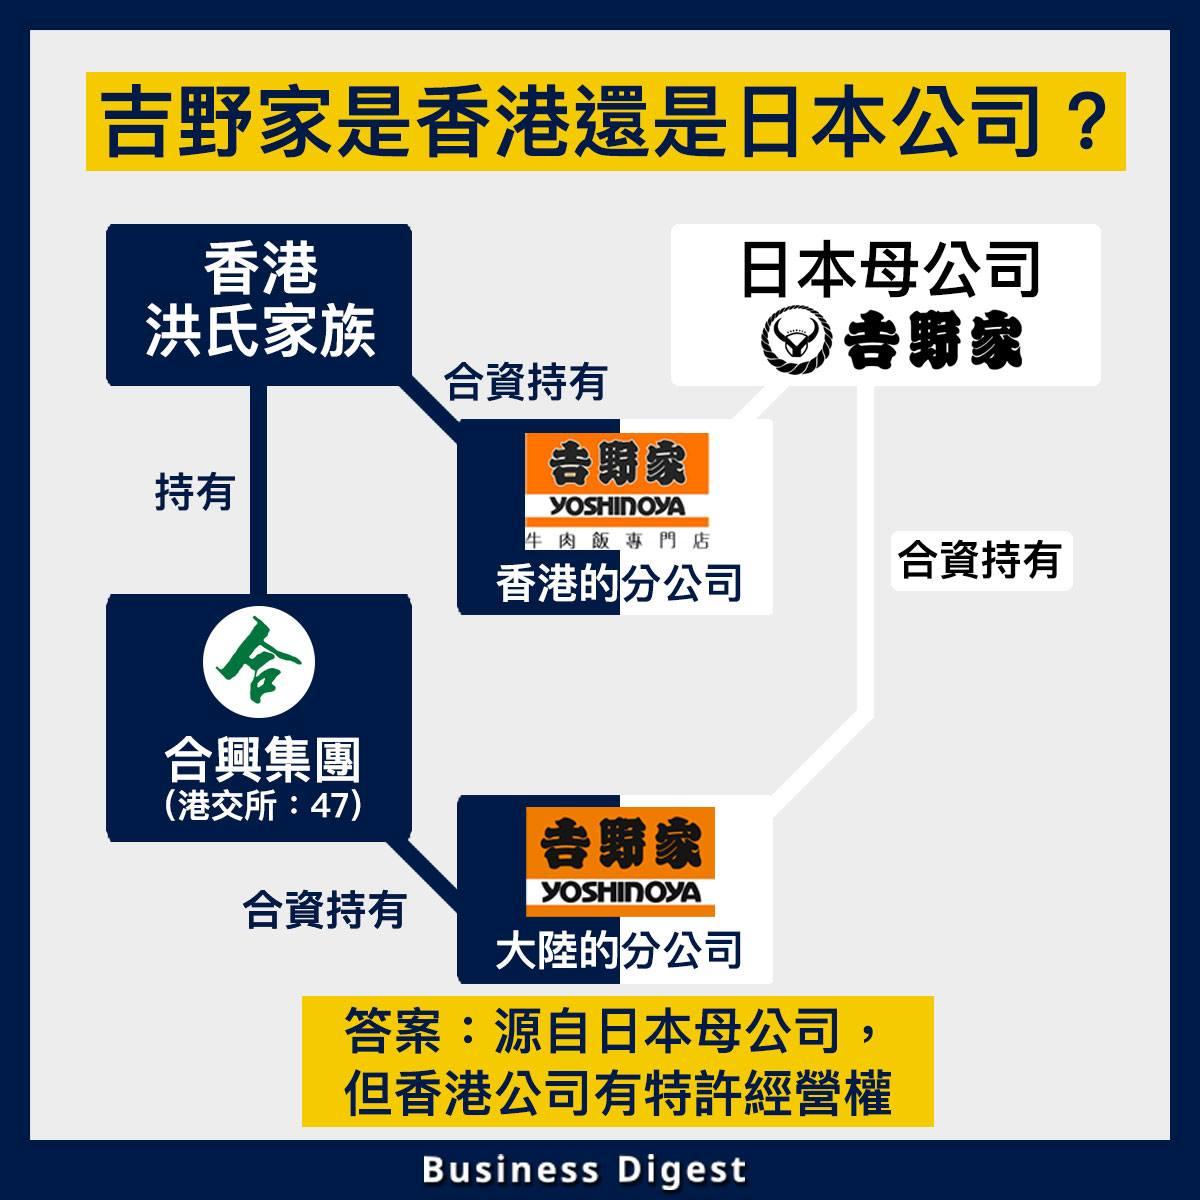 【商業熱話】吉野家是香港公司還是日本公司?